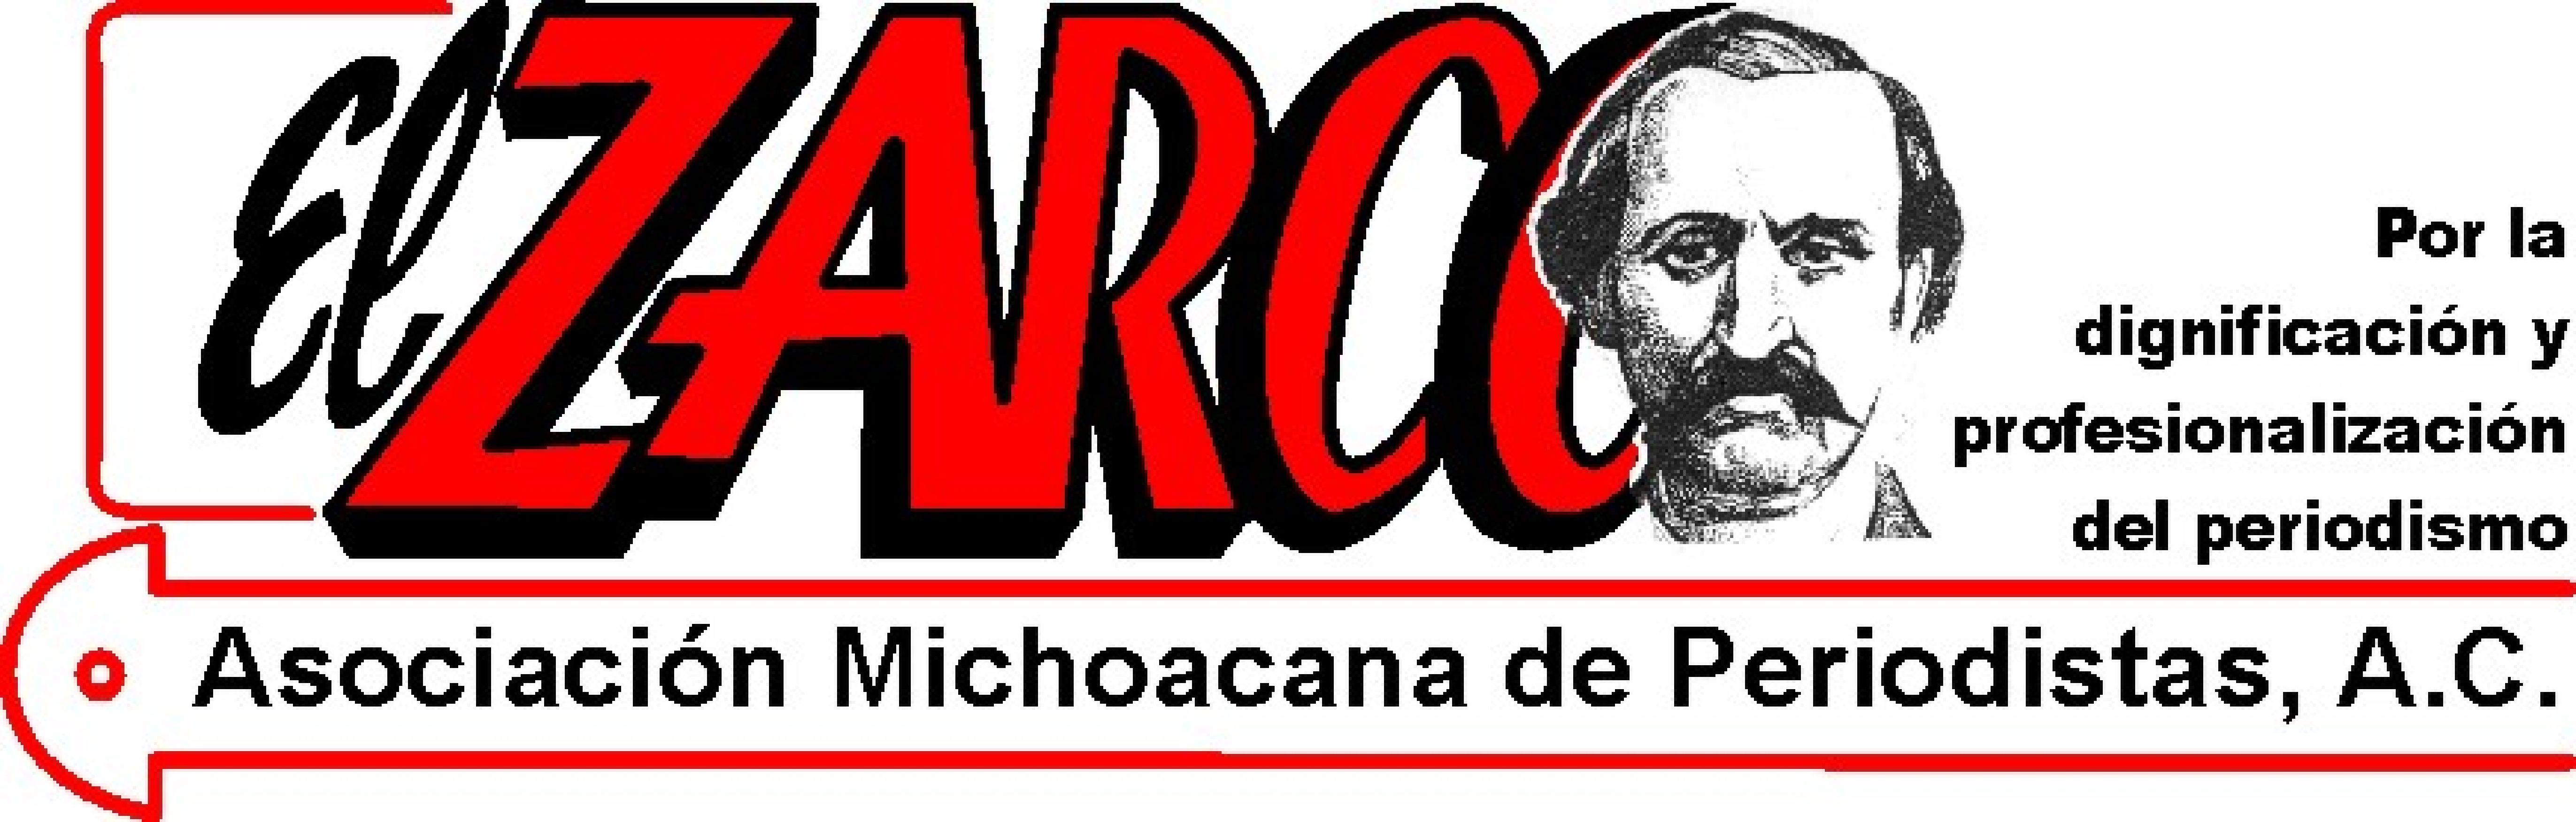 El Zarco. Periodico de AMIPAC. 20 Julio 2001 - Agosto 2018